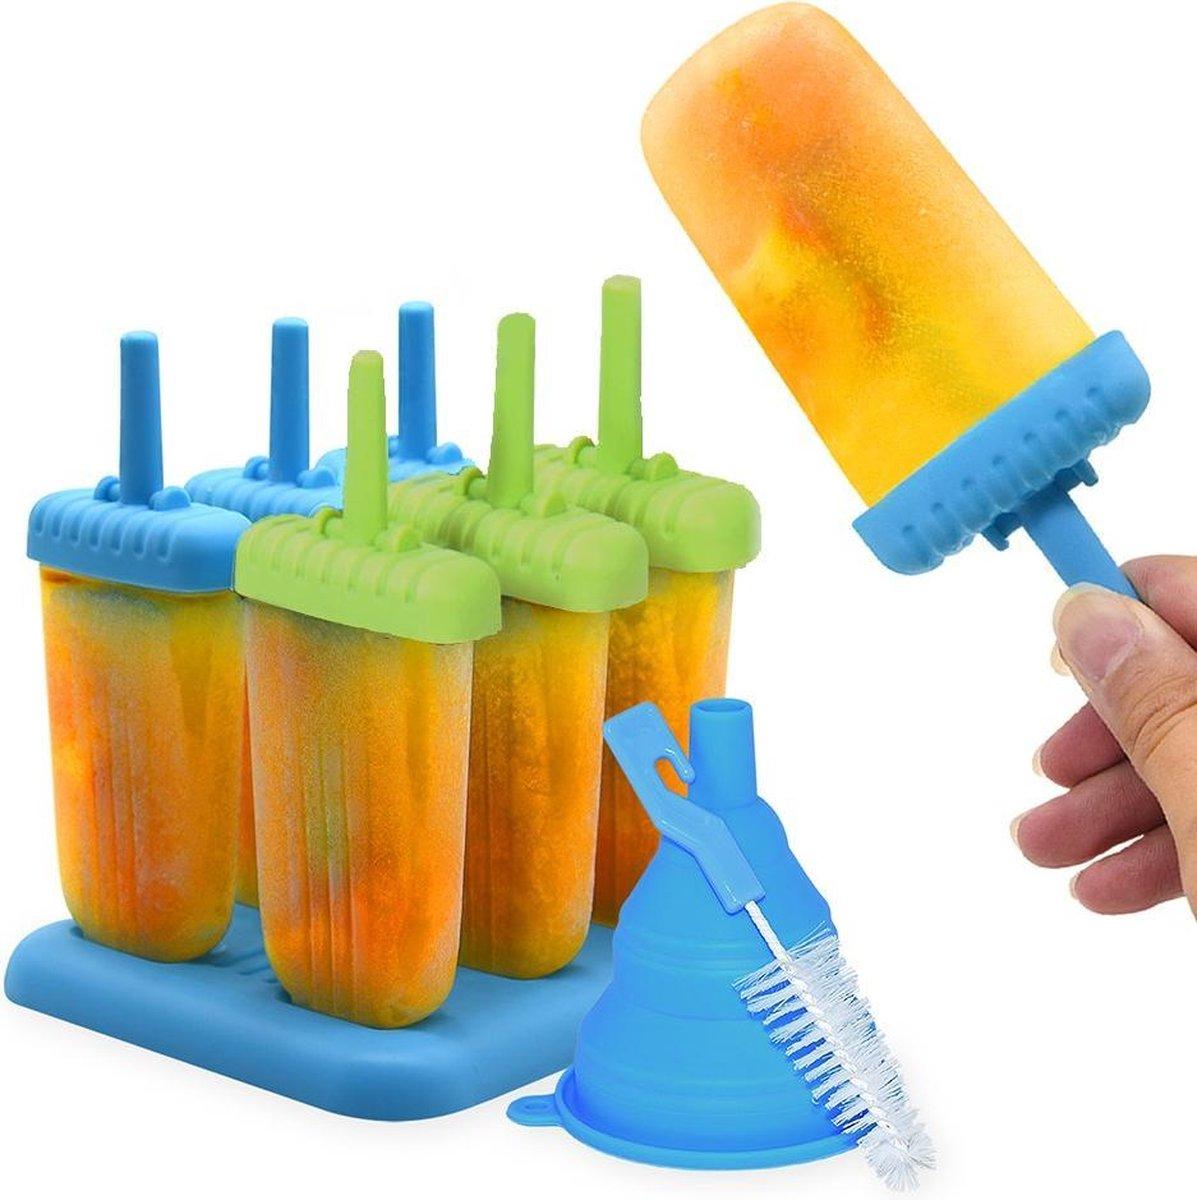 Perow ijsvormen - 6 Stuks - Inclusief Gratis Trechter en Reinigingsborstel - BPA en Chemicali n Vrij